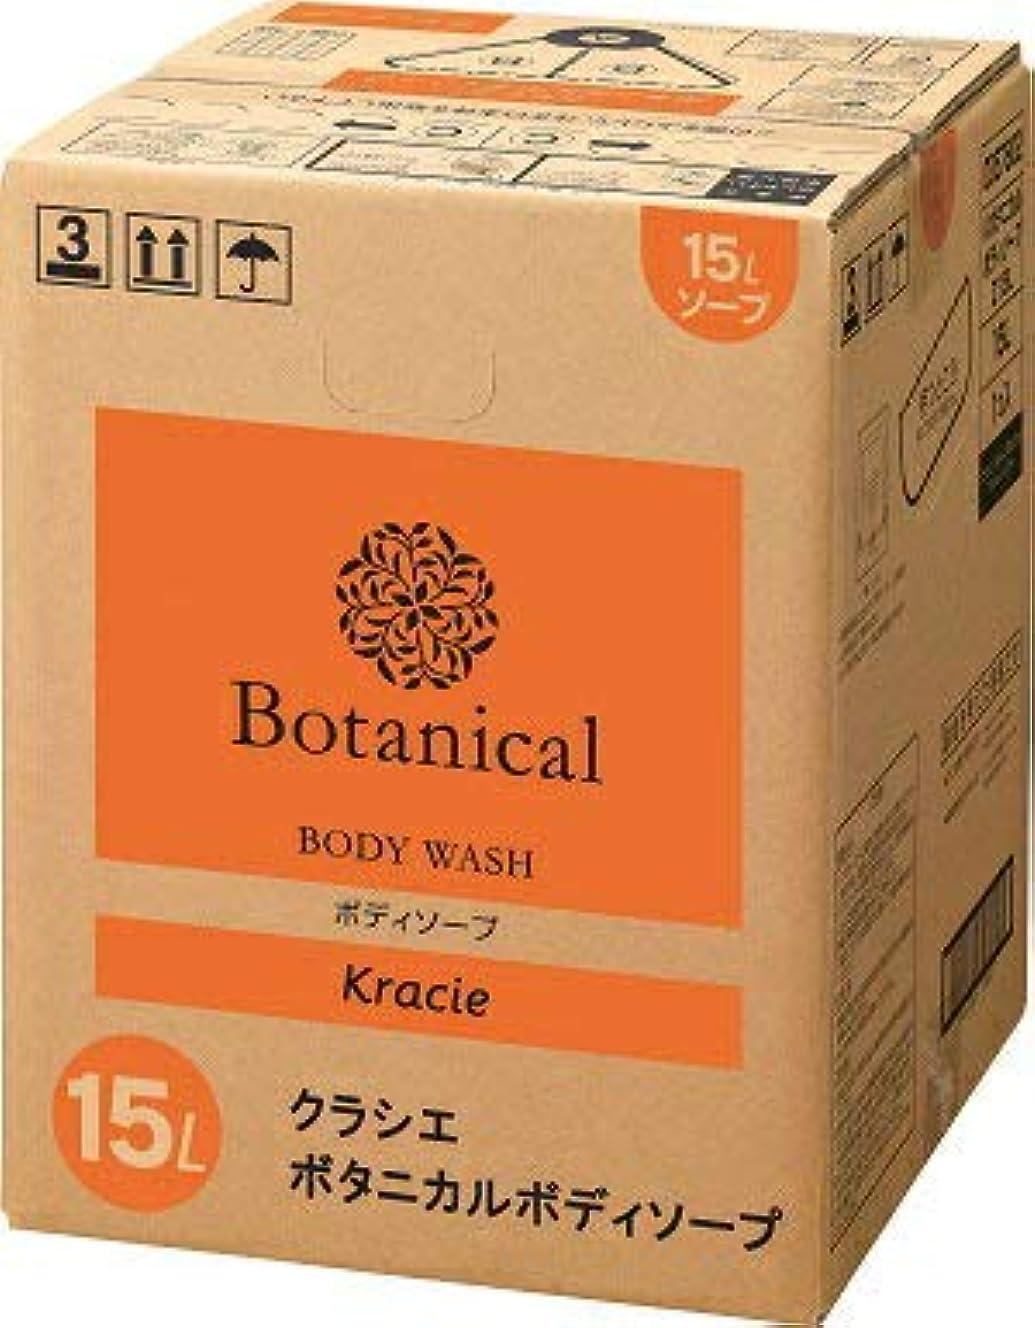 ケーブルカーピンクレーニン主義Kracie クラシエ Botanical ボタニカル ボディソープ 15L 詰め替え 業務用